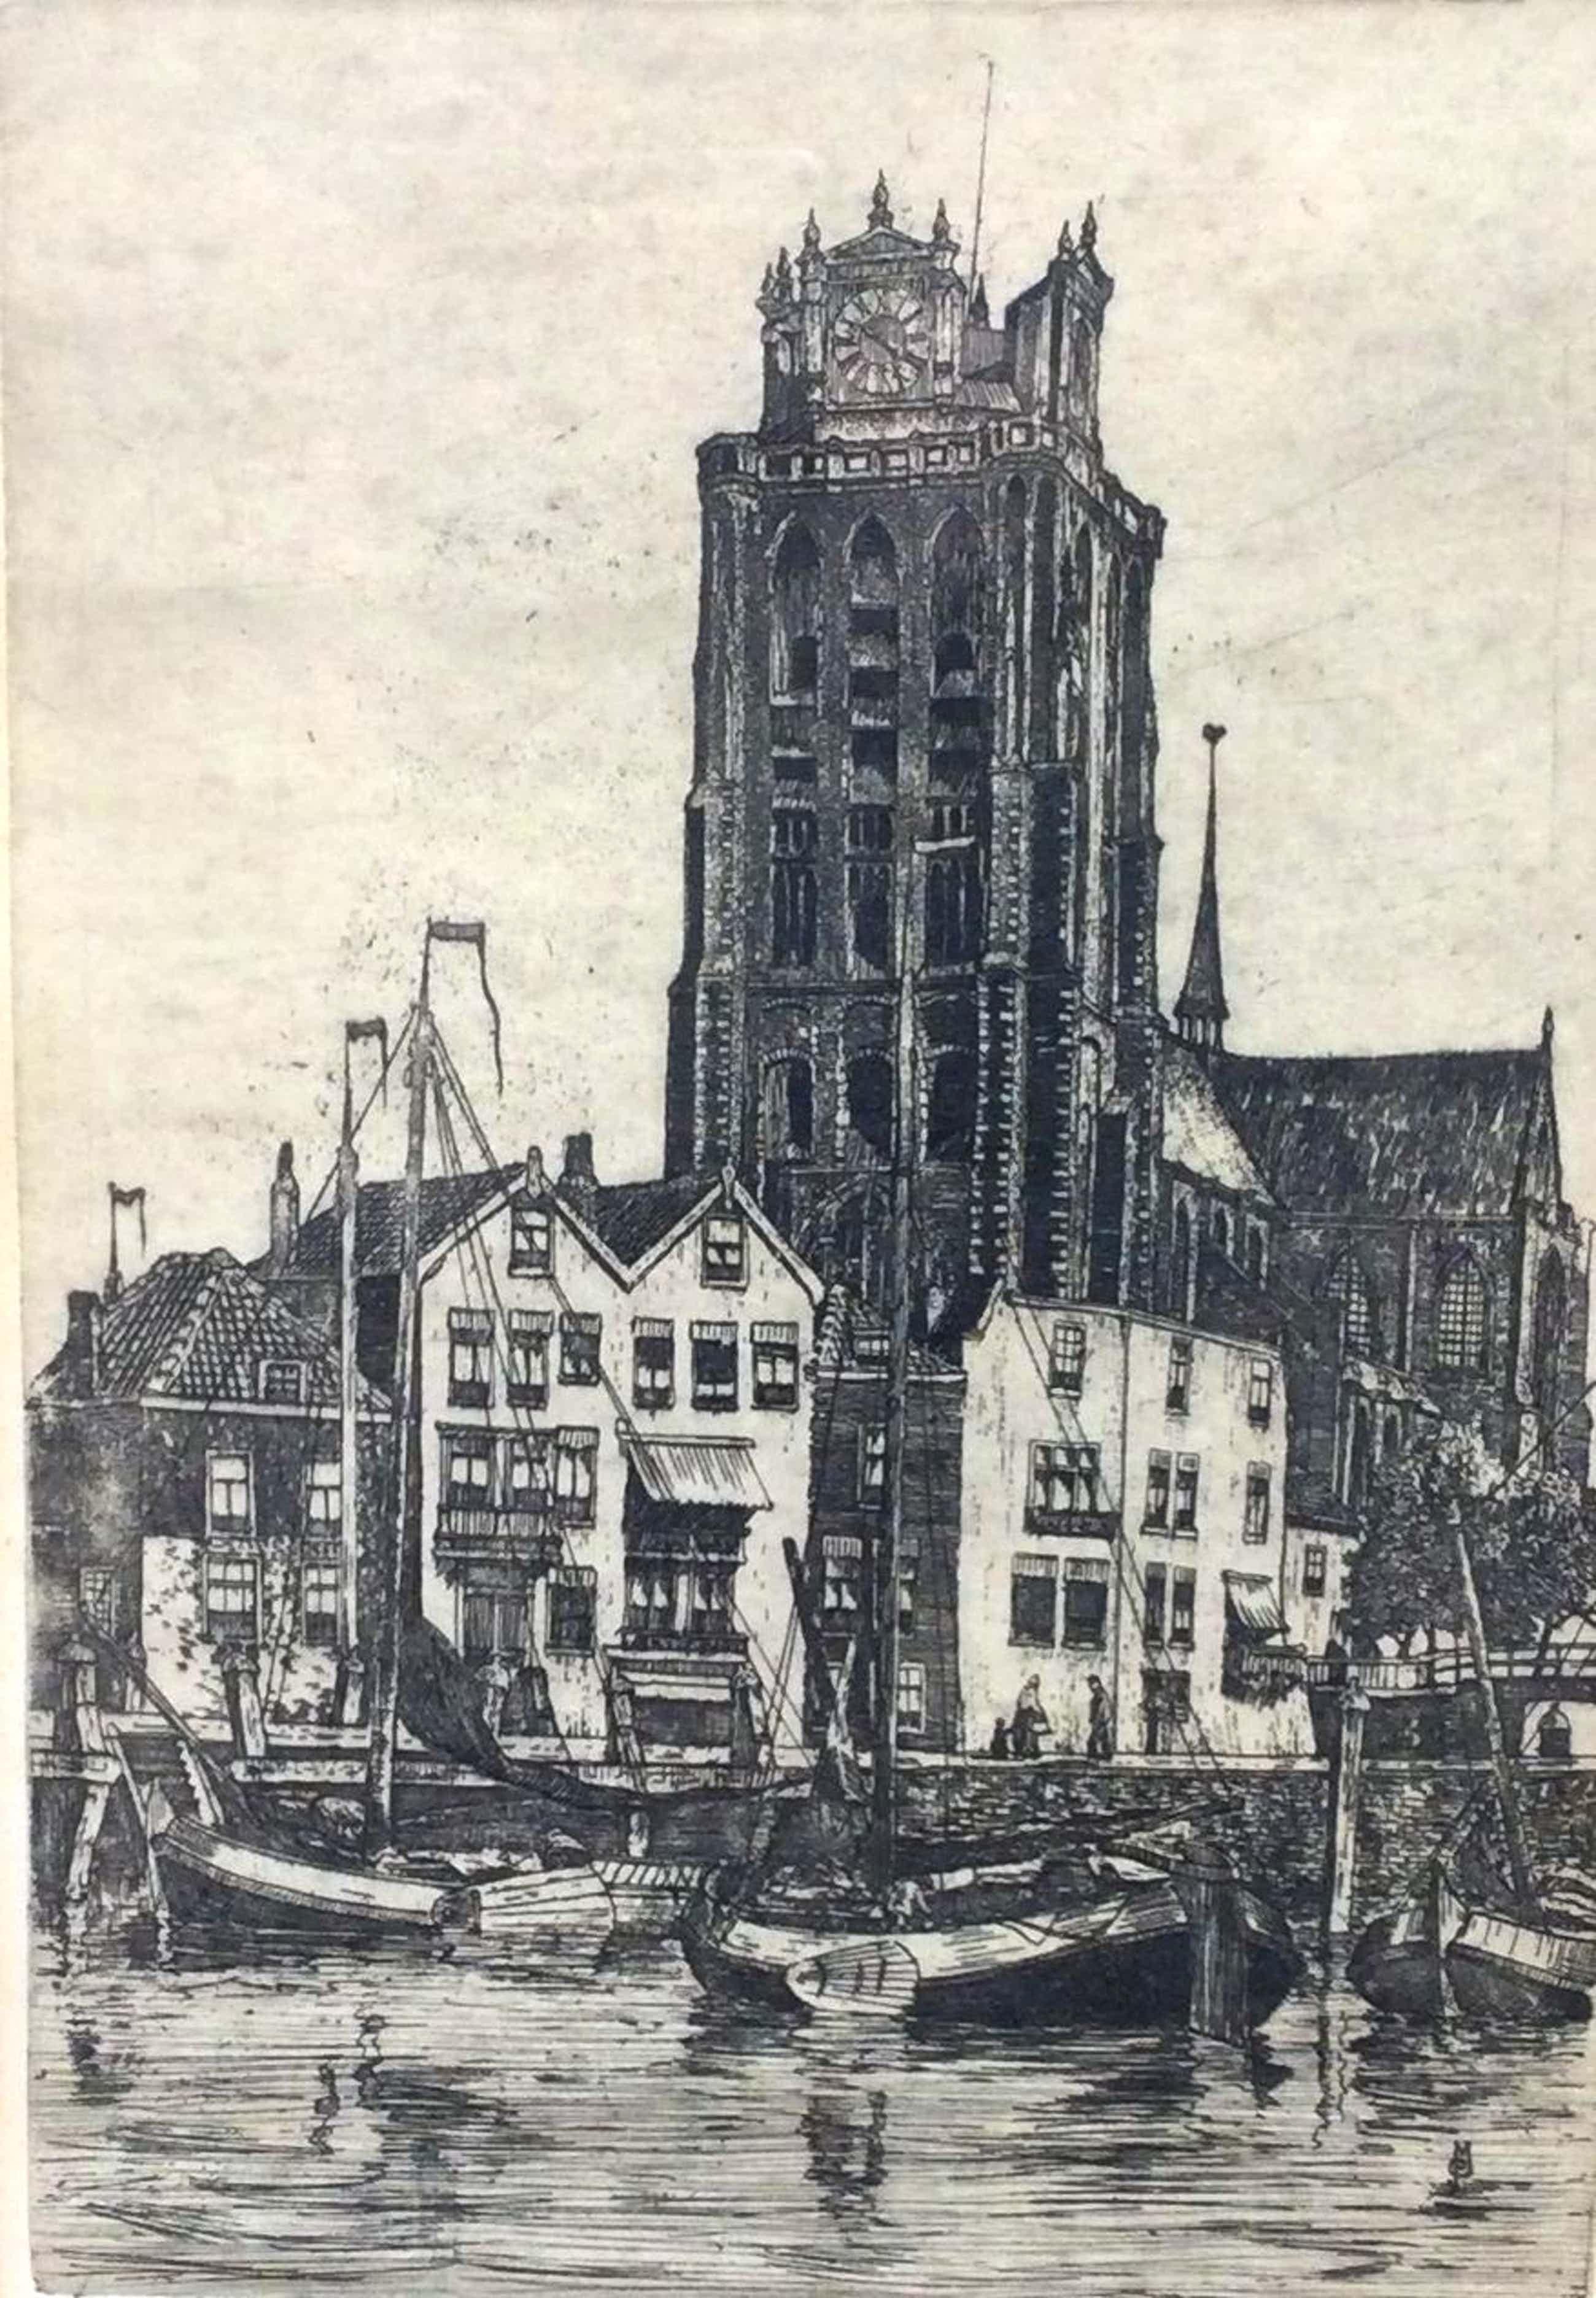 Marius Johannes Janssen - B364-1, Dom te Dordrecht kopen? Bied vanaf 60!